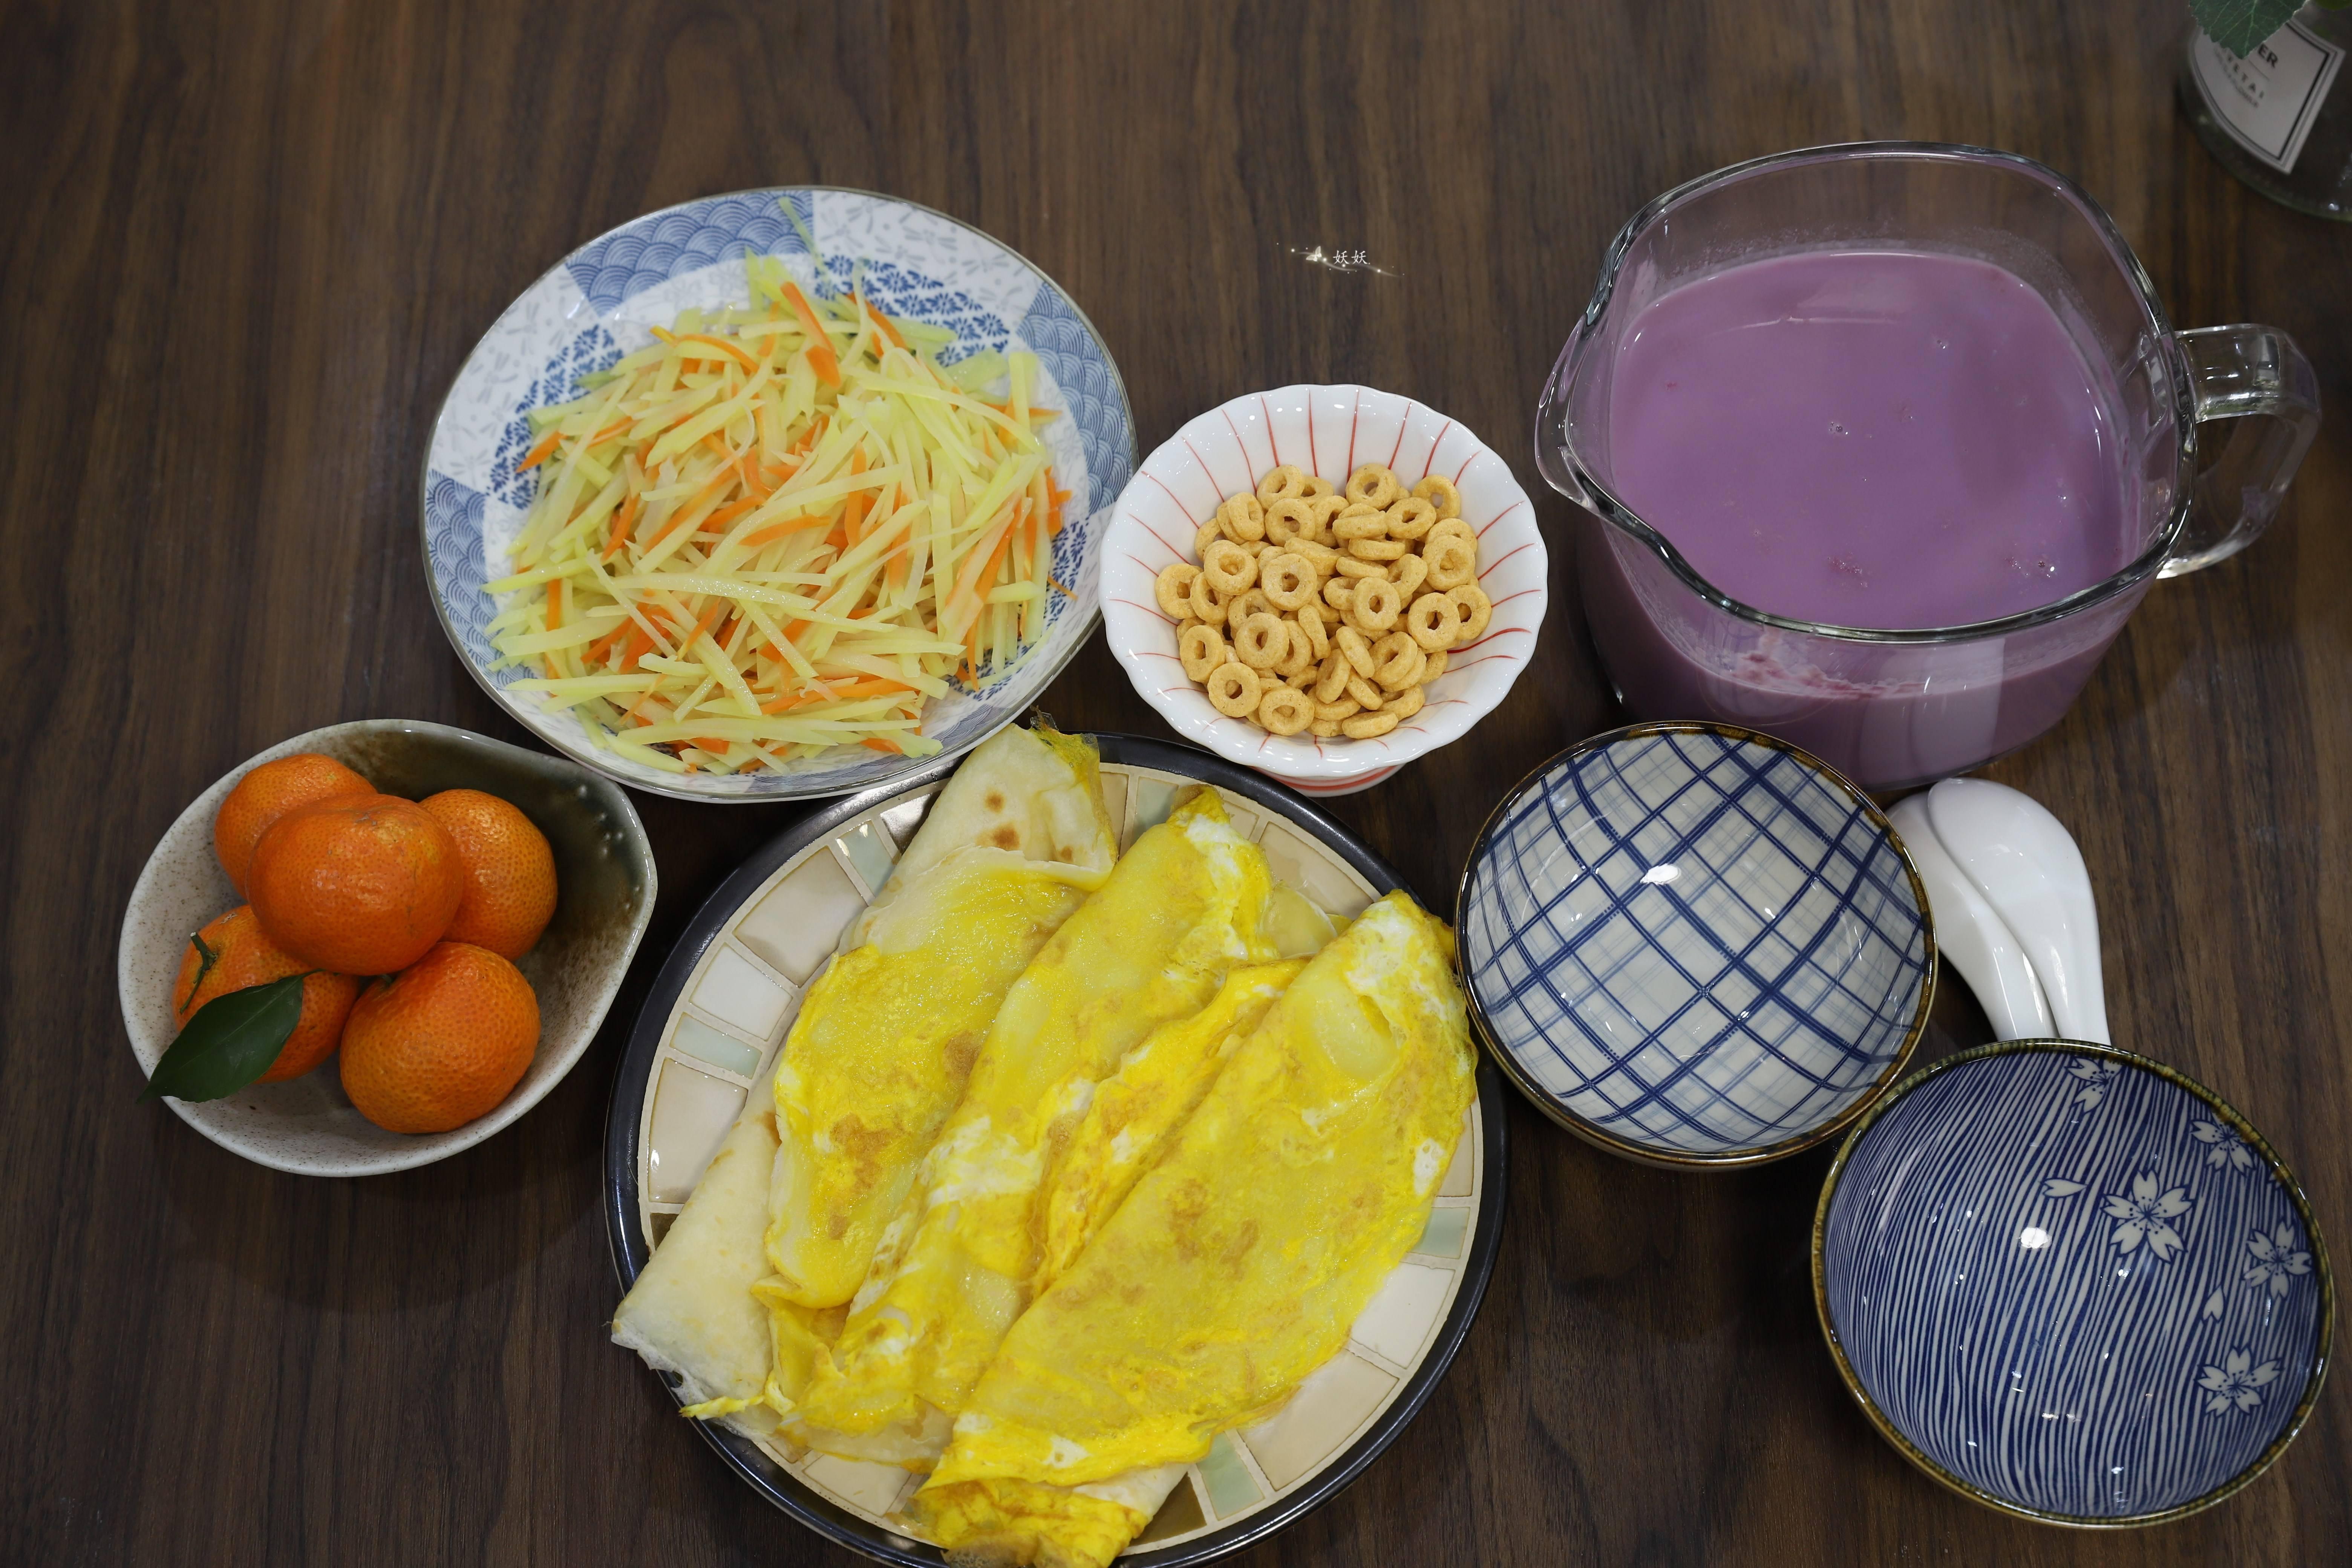 我家孩子的早餐原汁原味,颜色丰富,味道鲜美,比路边摊好吃